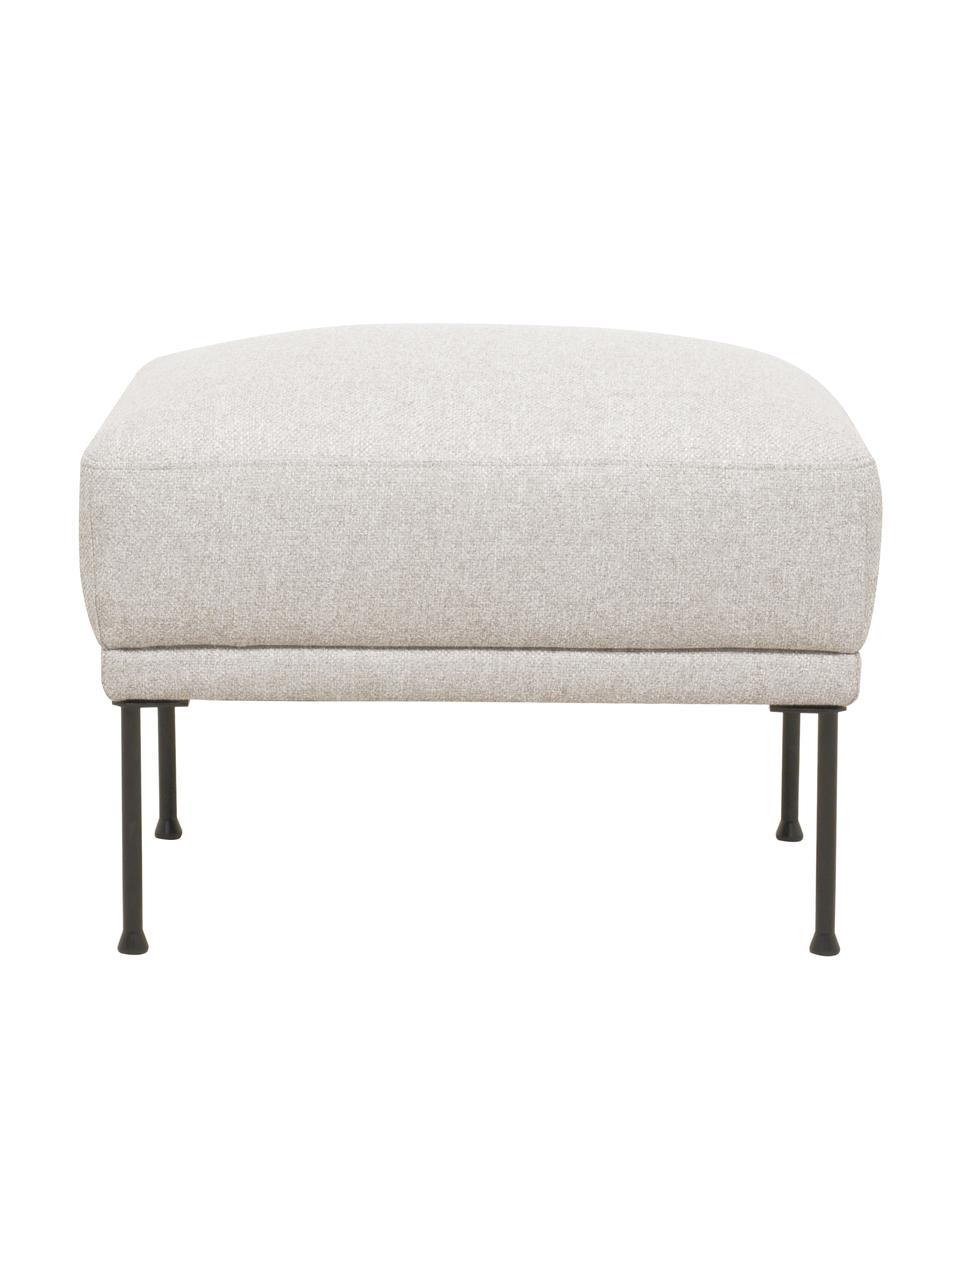 Sofa-Hocker Fluente in Beige mit Metall-Füßen, Bezug: 80% Polyester, 20% Ramie , Gestell: Massives Kiefernholz, Füße: Metall, pulverbeschichtet, Webstoff Beige, 62 x 46 cm